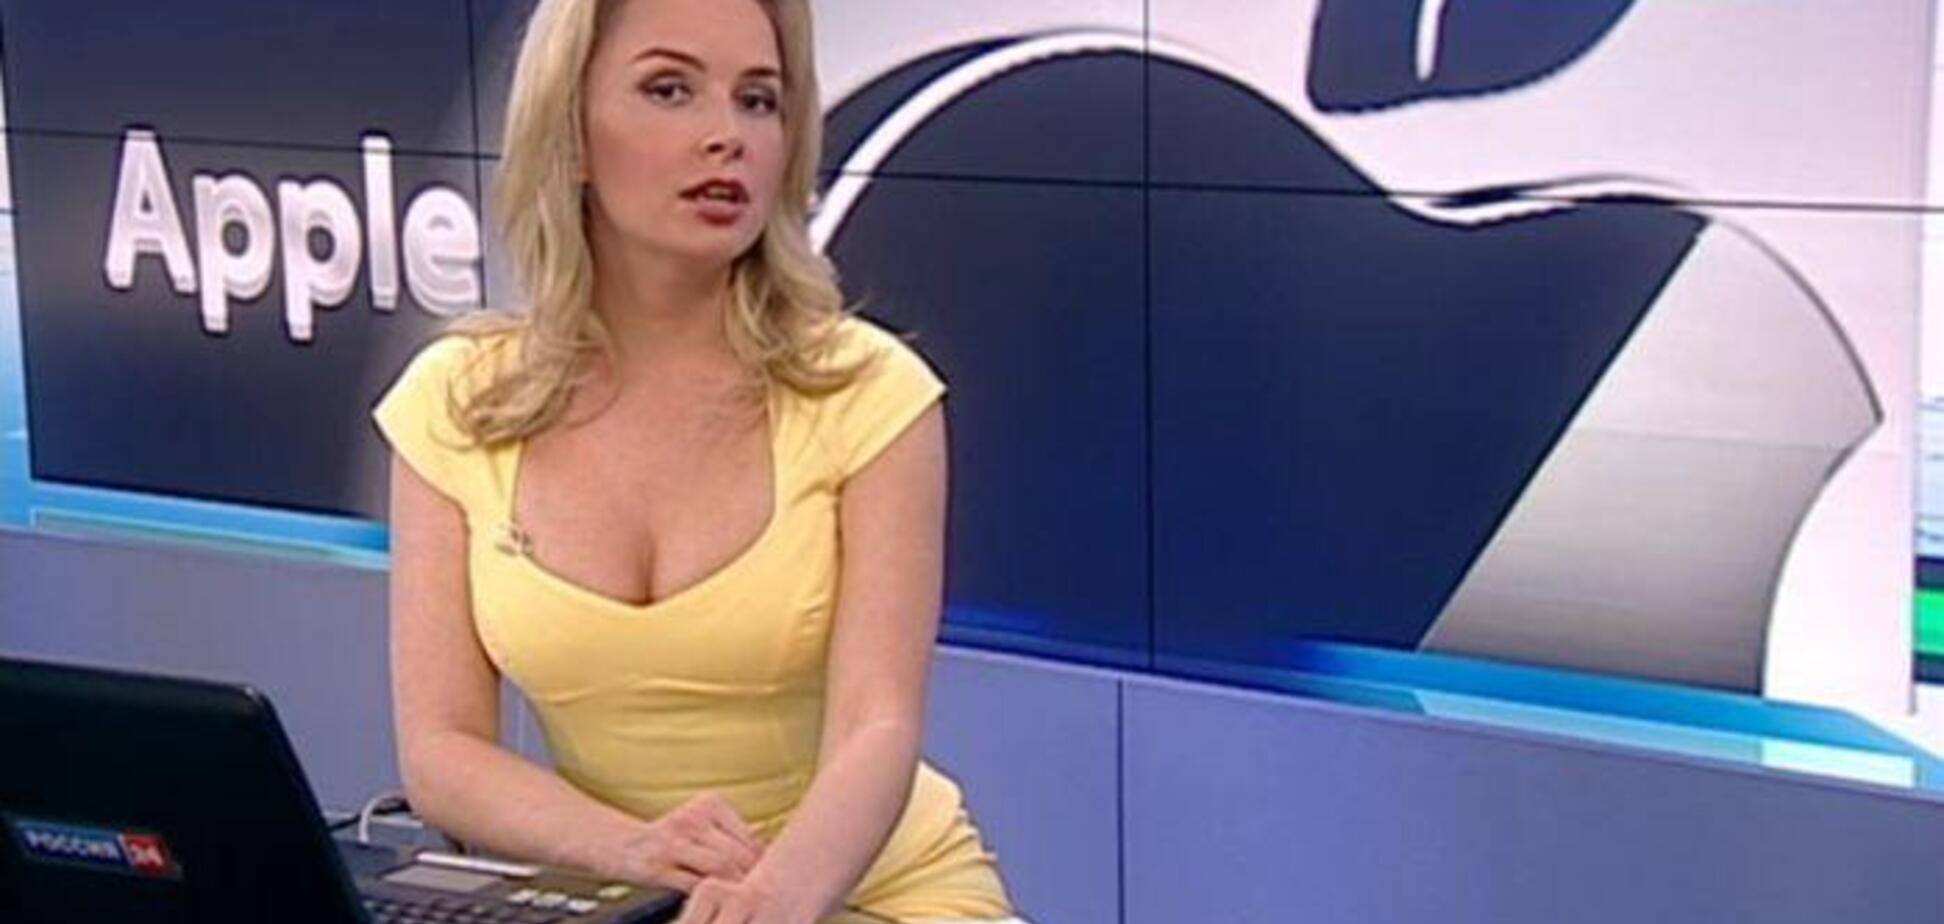 'Шпилимся в гримерке': Губерниев рассказал о сексе на работе